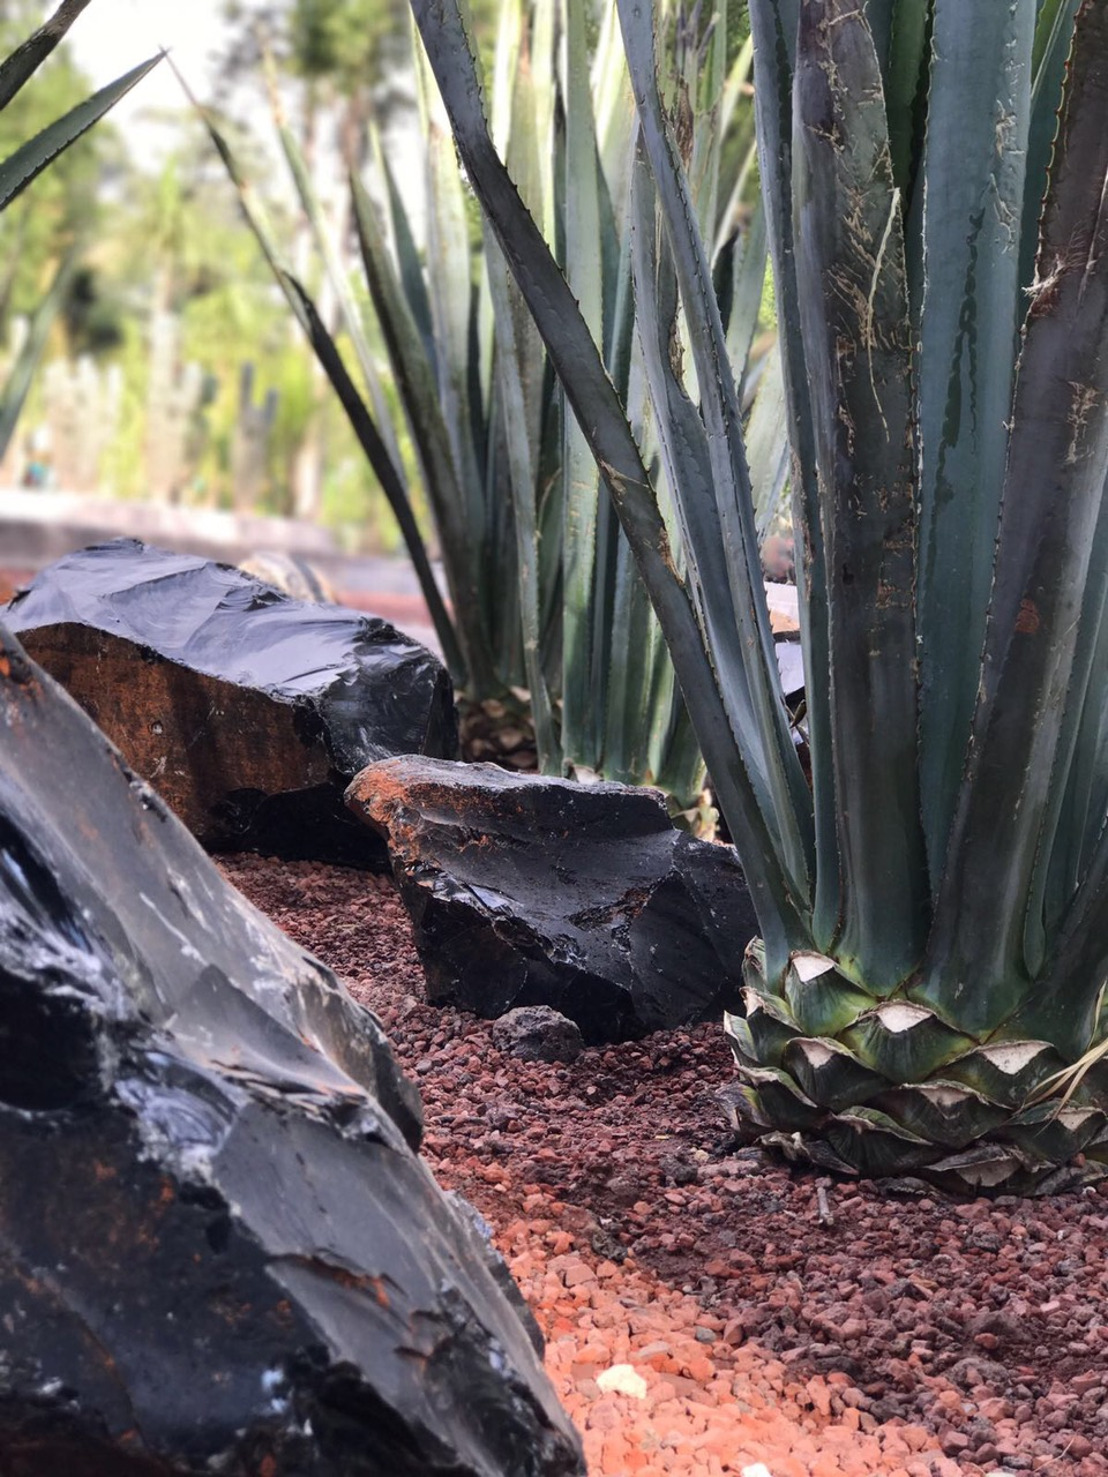 Tequila Casa Dragones recrea terroir de Tequila, Jalisco en el Jardín Botánico de Chapultepec